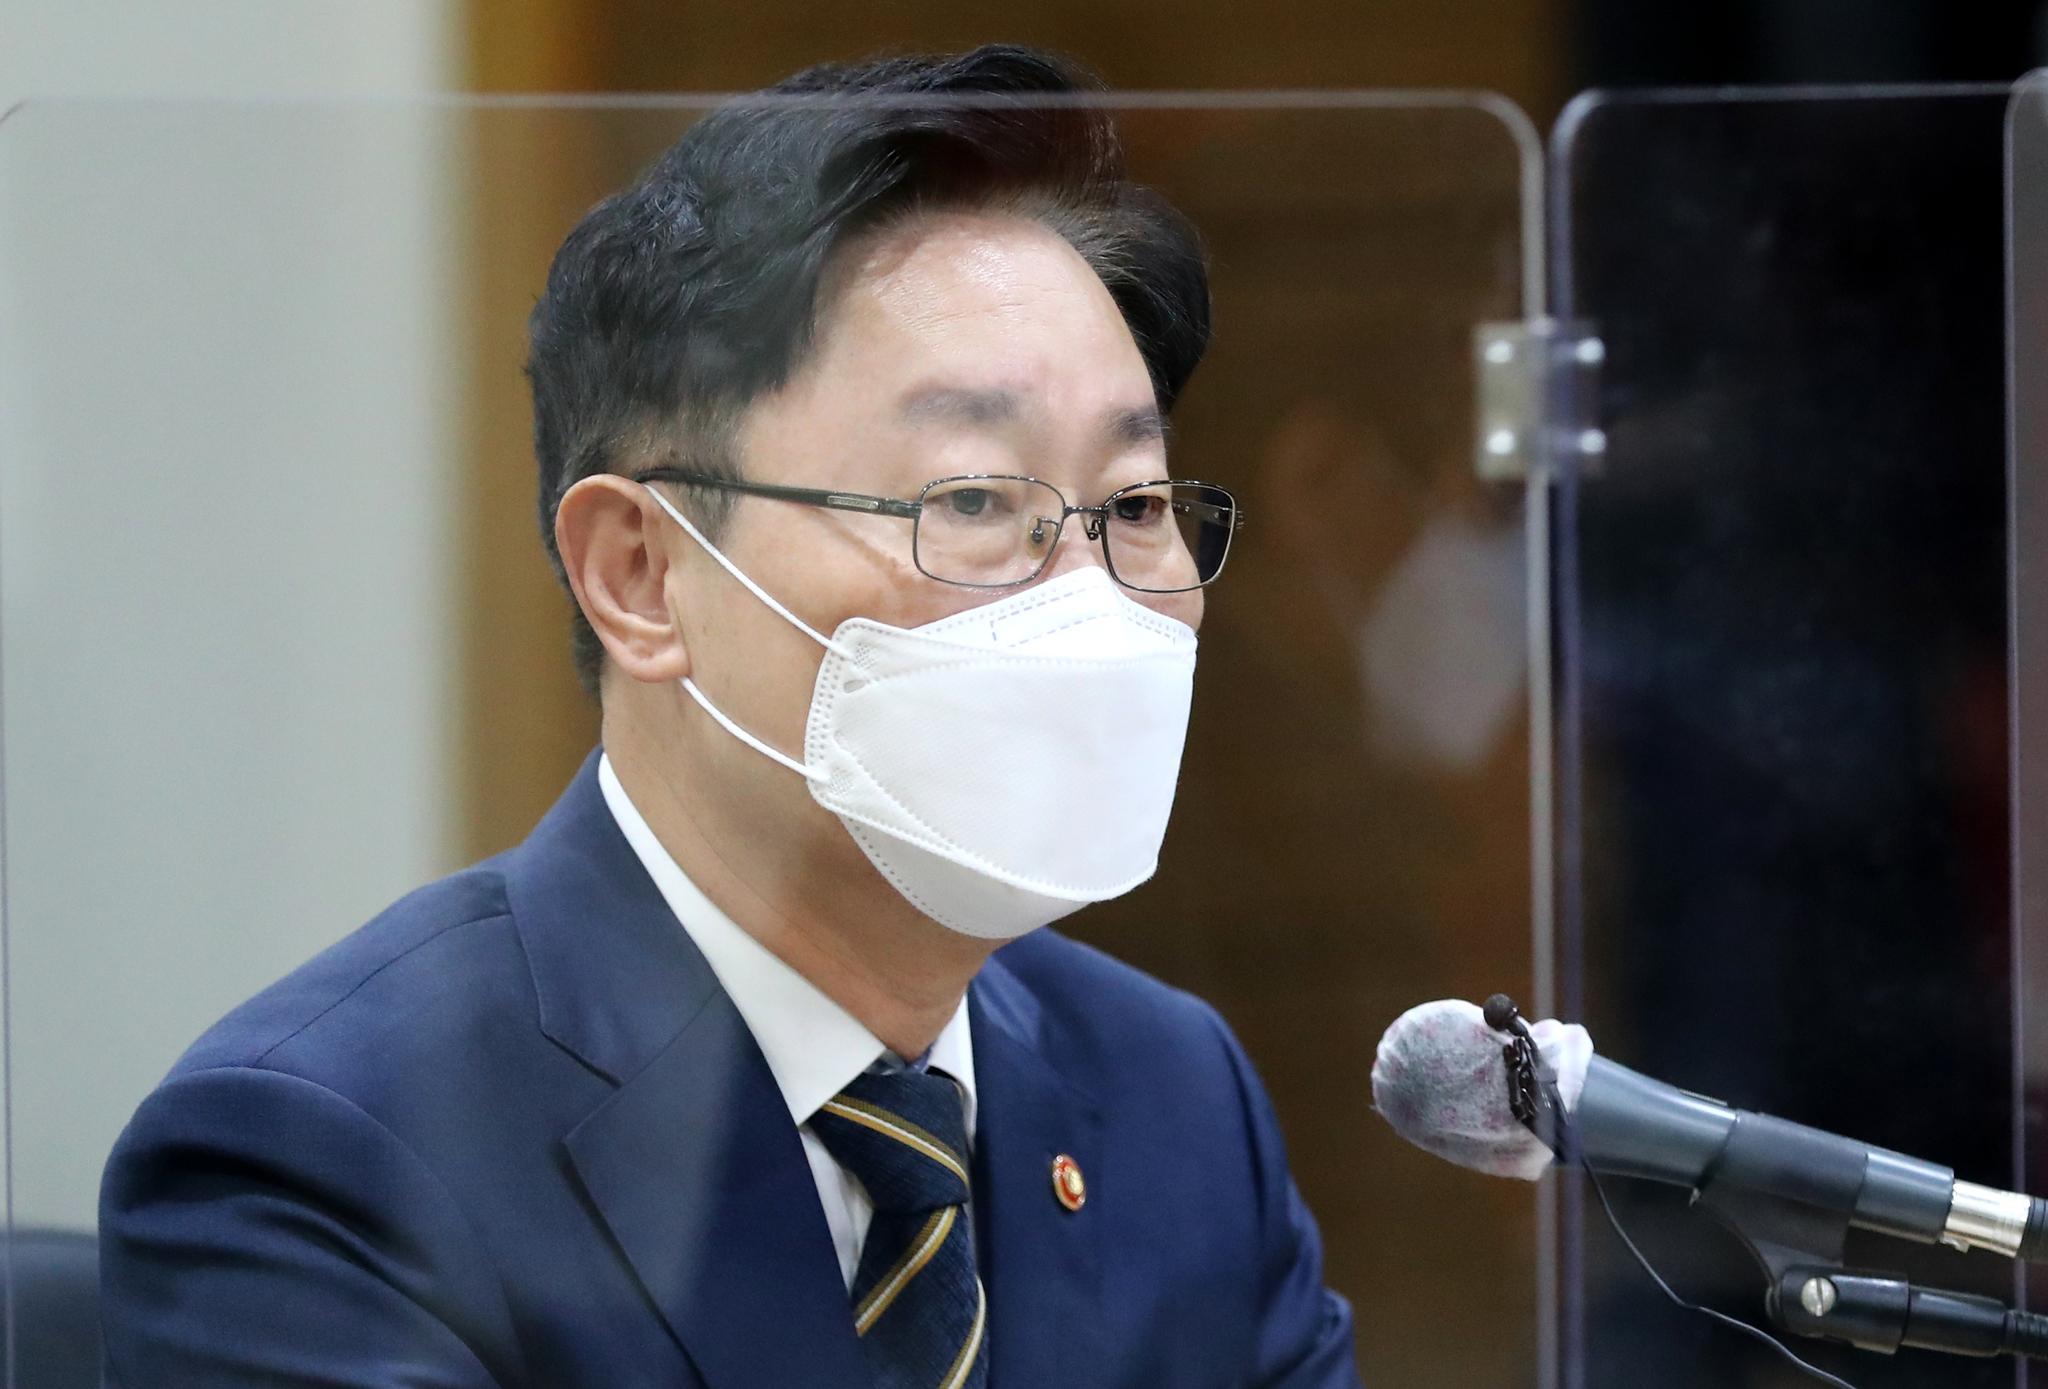 박범계 법무부 장관이 24일 오전 대전 중구 선화동 대전보호관찰소를 방문, 기자간담회에서 잠시 생각에 잠겨 있다. 뉴스1